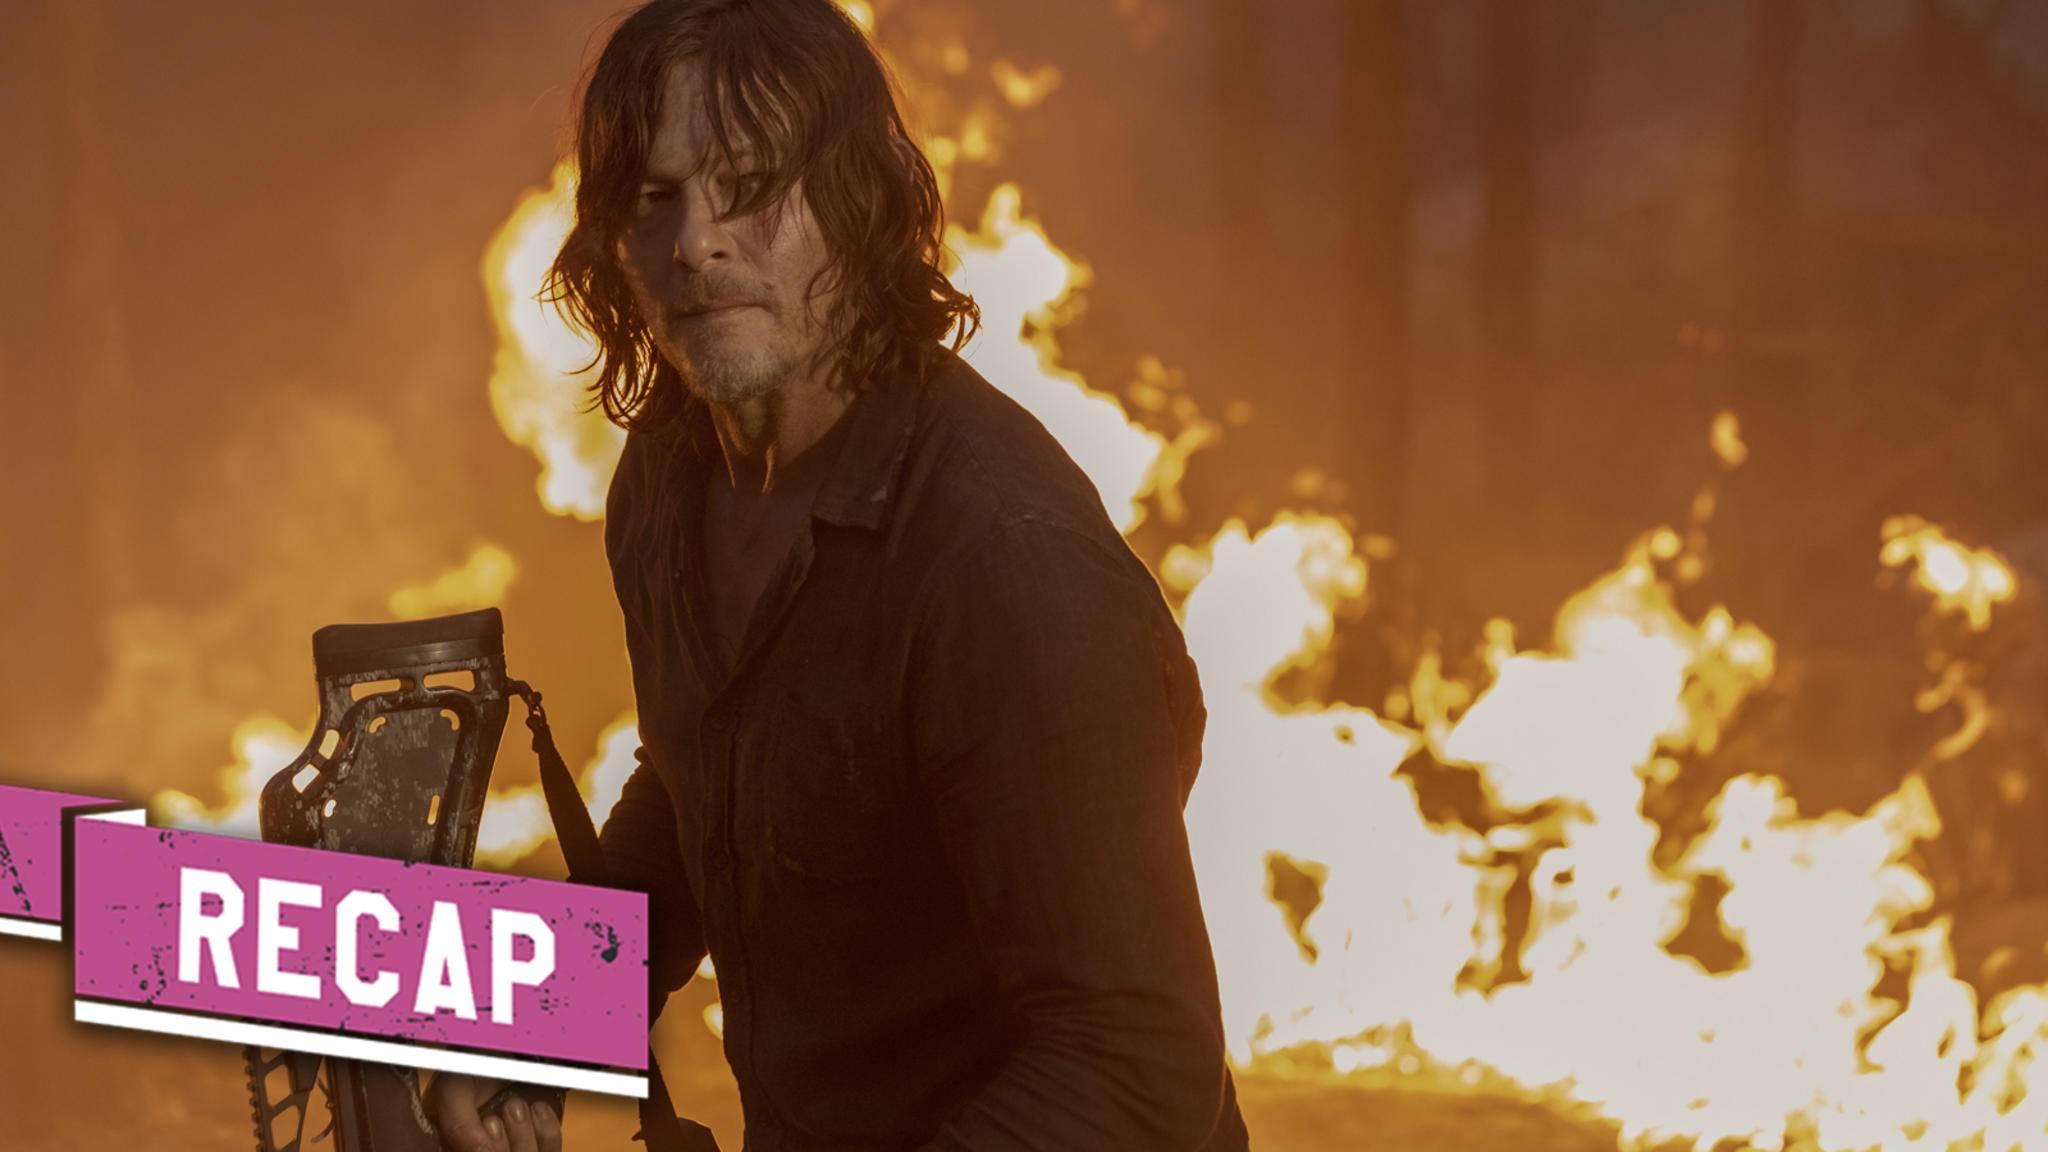 The Walking Dead Staffel 10 Episode 1 Review: Ein feuriger Start für Staffel 10